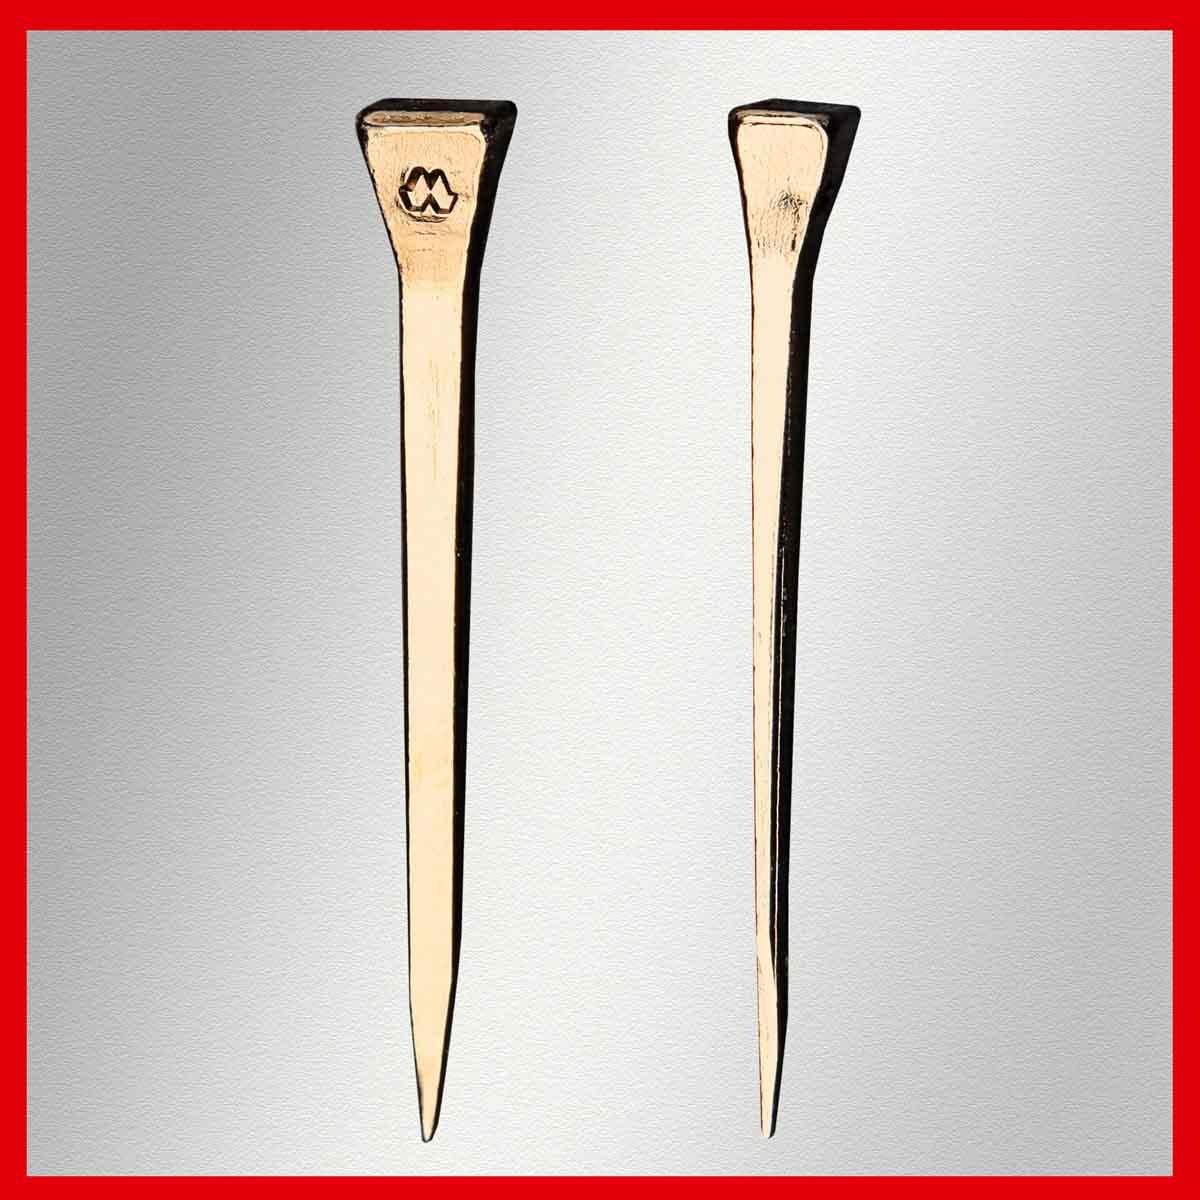 Mustad Endura Concave Nail